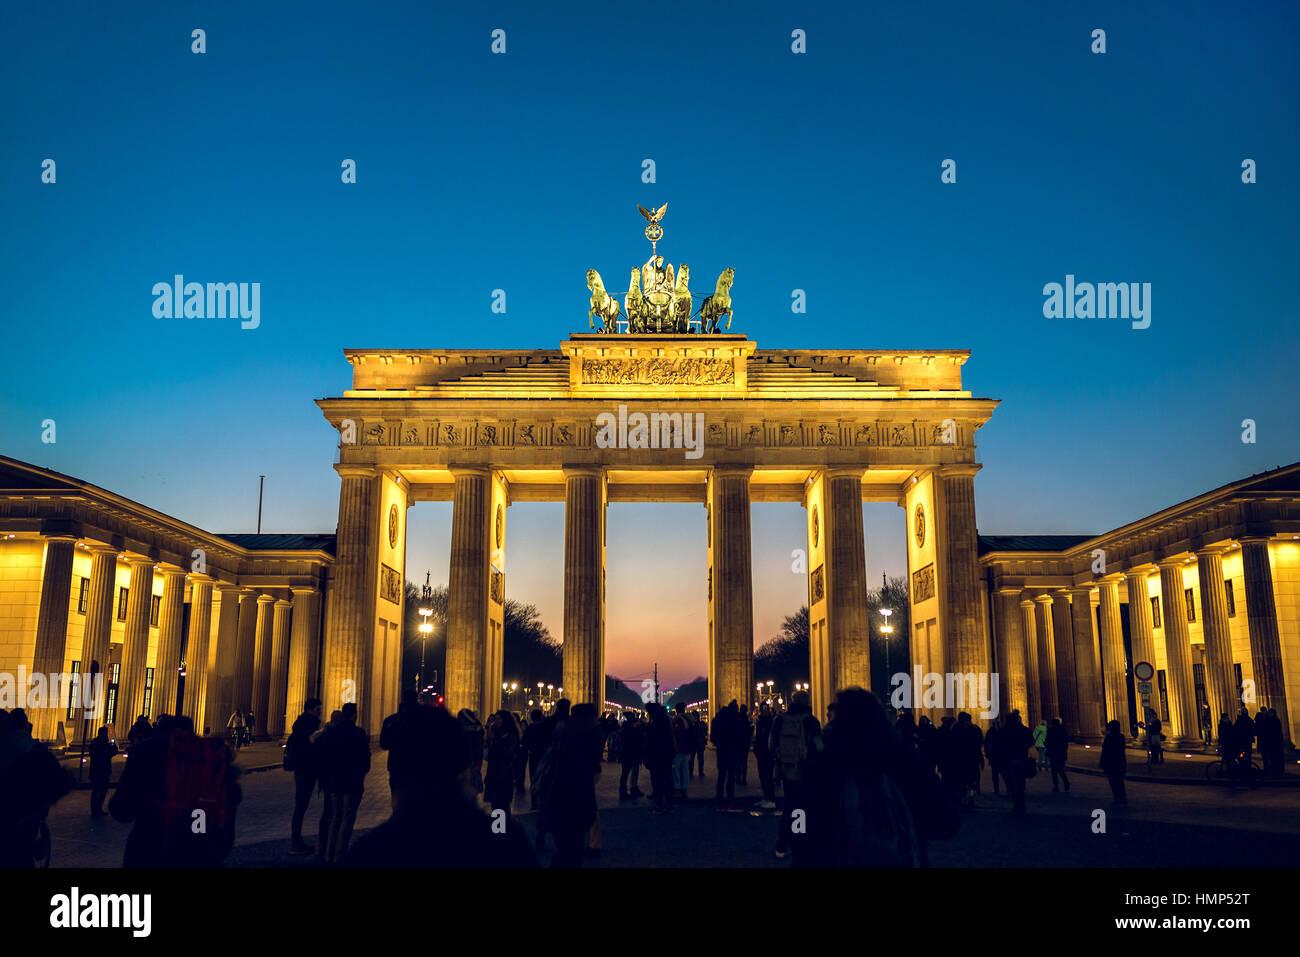 Berlín, Alemania - 22 de enero de 2017, la puerta de Brandenburgo en Berlín, Alemania durante la noche Imagen De Stock